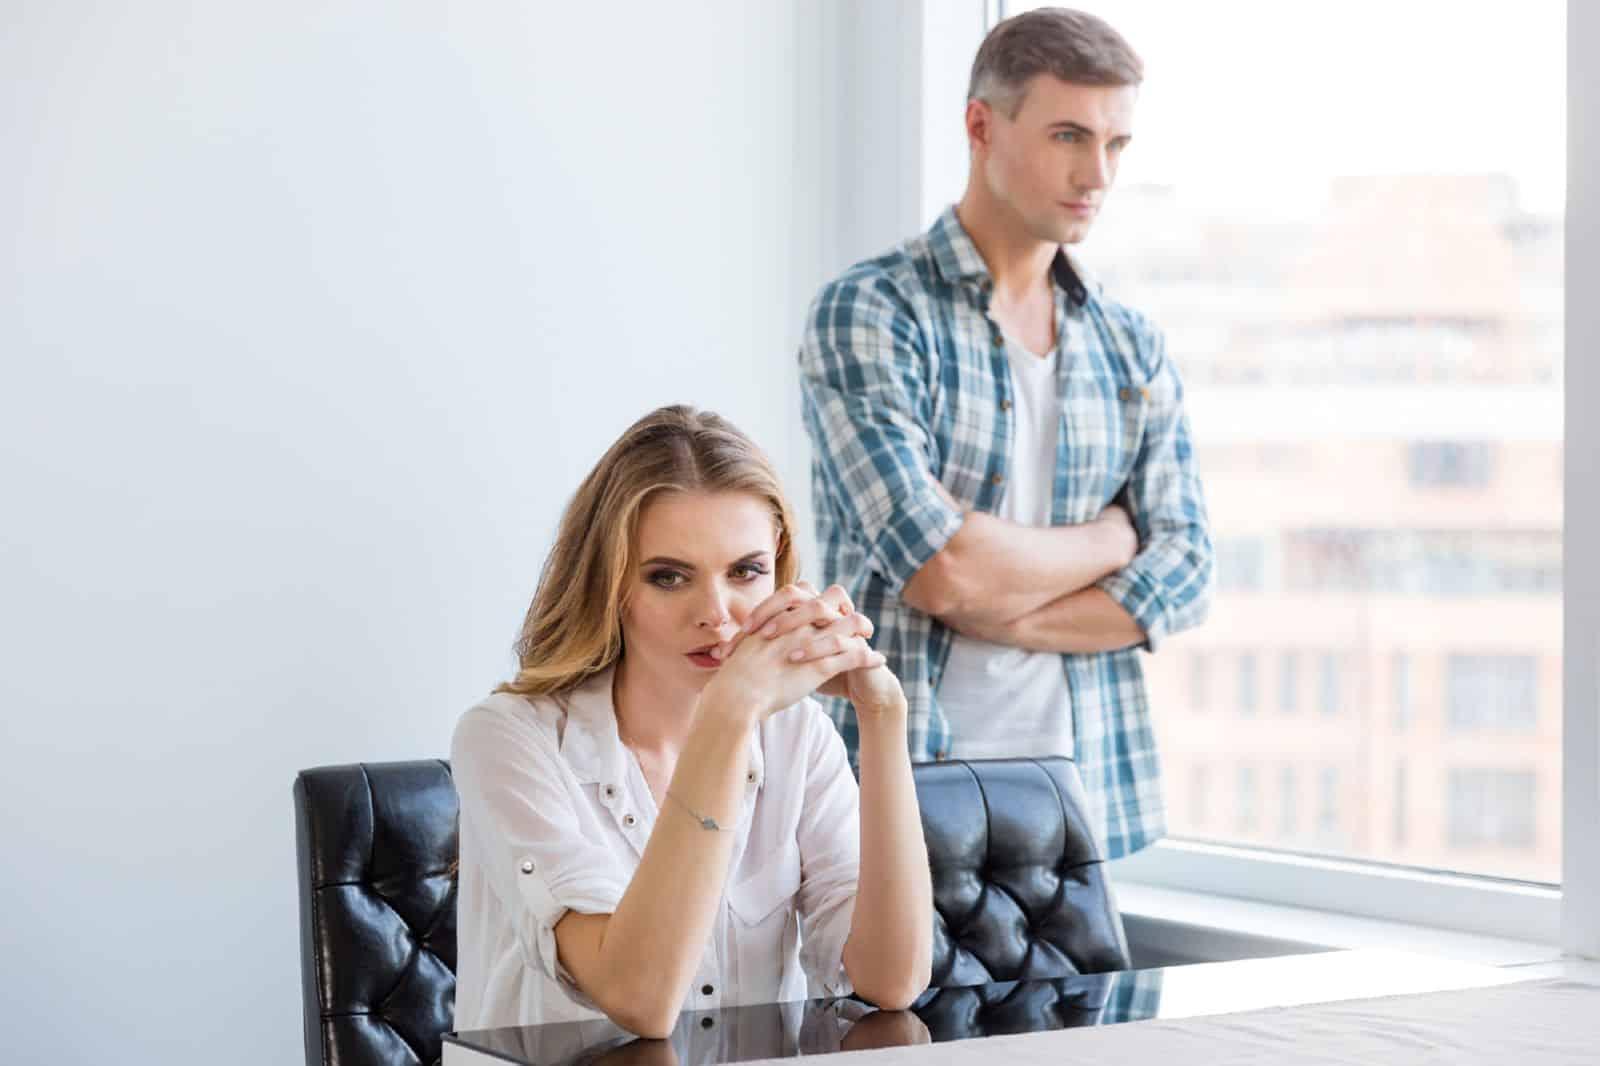 Как подать заявление на развод в суд без мужа онлайн